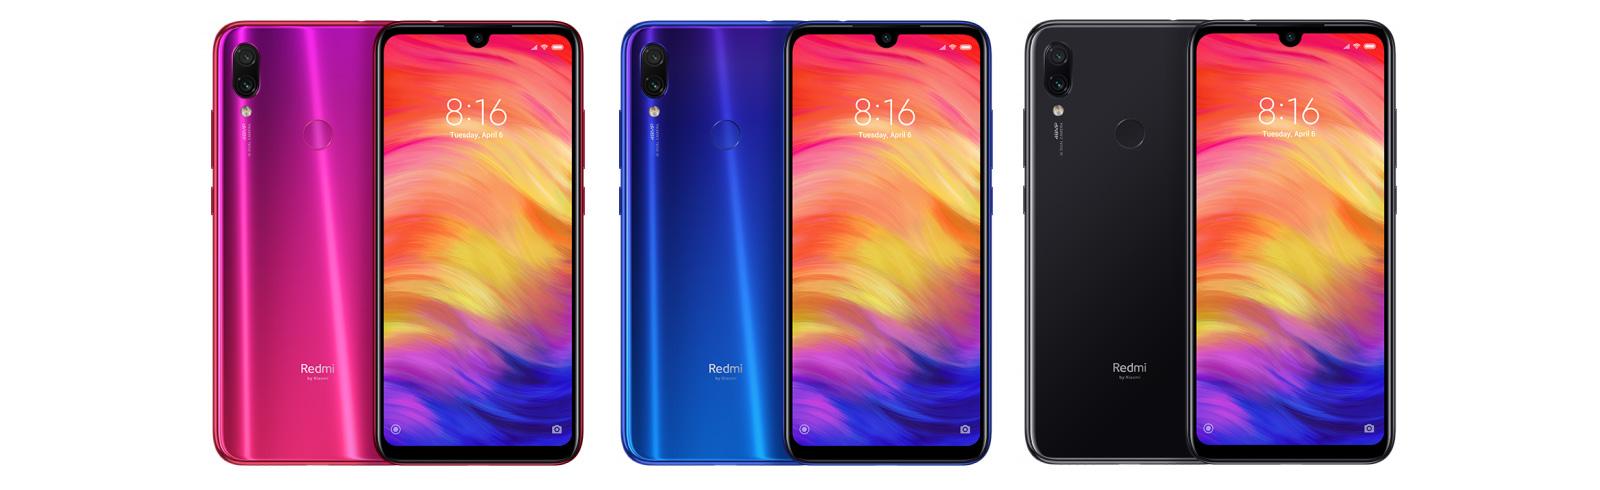 Xiaomi India announces the Redmi Note 7 and Redmi Note 7 Pro for the local market